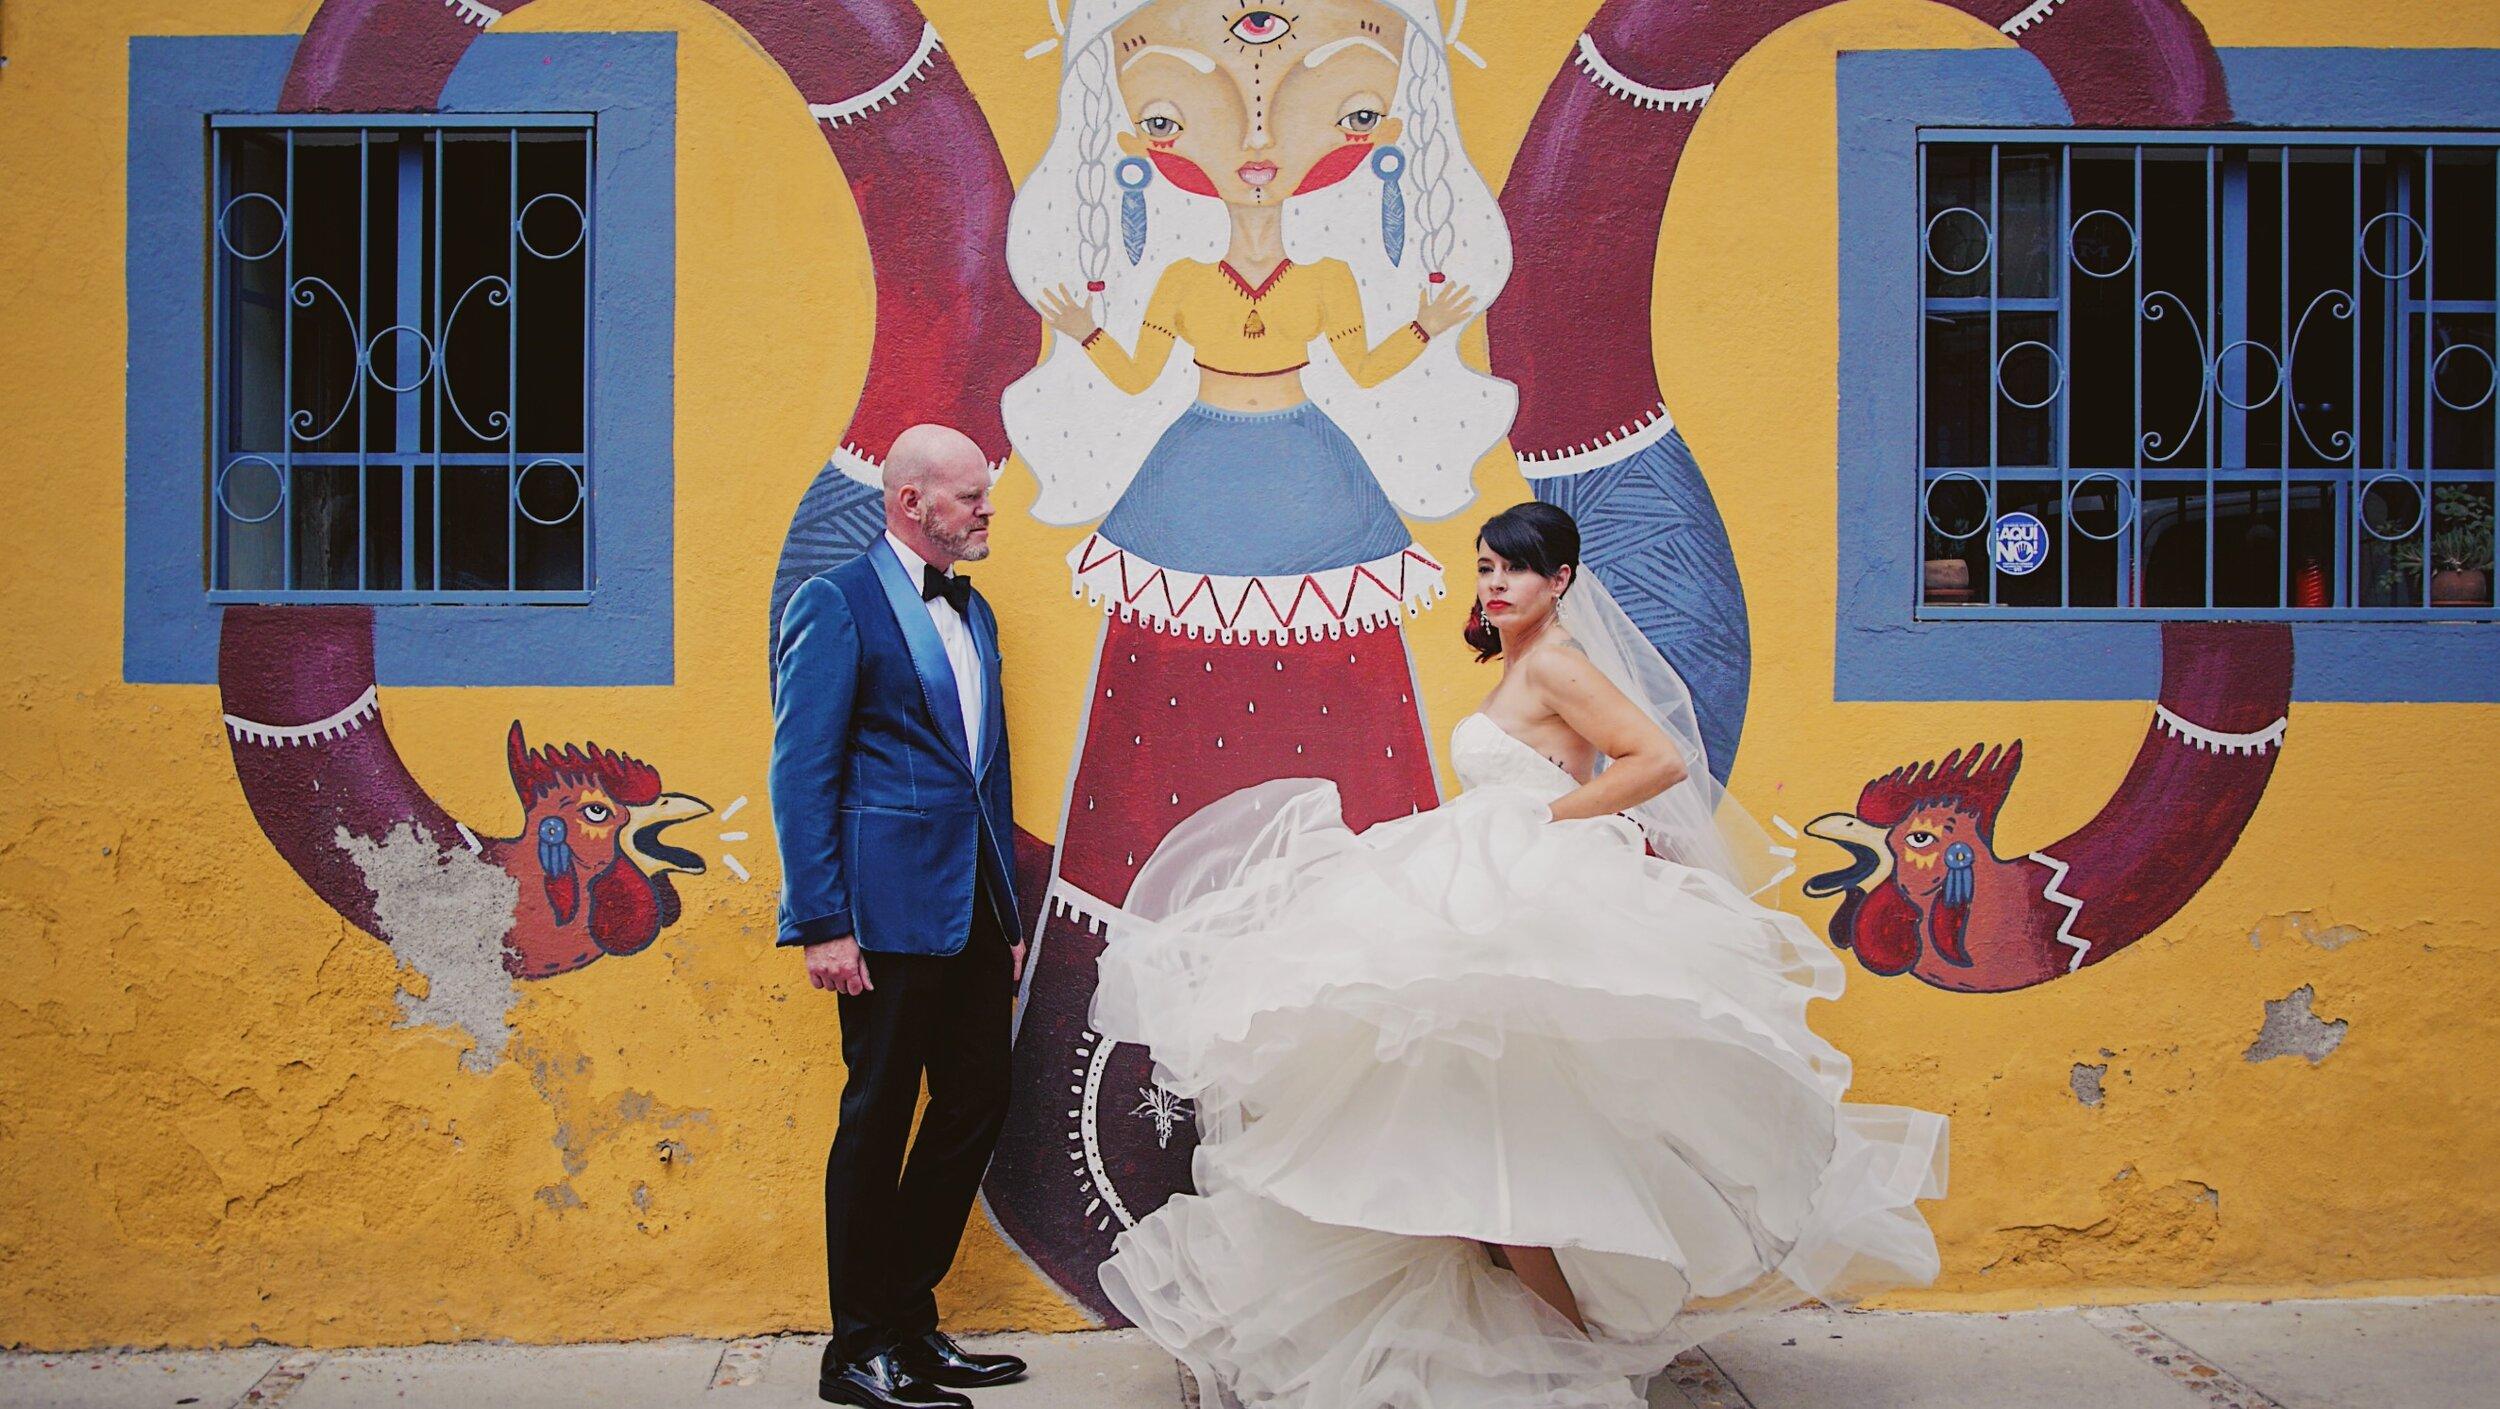 Paquete 2 - Máximo 12 hrs. de cobertura del eventoGrabación a 2 cámaras Full HDCaptura de video aéreo.Entrega:Full Movie de aprox. de 40 min (edición tradicional)Wedding Trailer con duración aprox. de 2 a 4 minTeaser de 30 seg. para Instagram + 5 clips para Stories• Entrega en USBCalidad Estándar (Full HD): $40,000.00 MXNCalidad PREMIUM (Ultra HD): $44,000.00 MXN